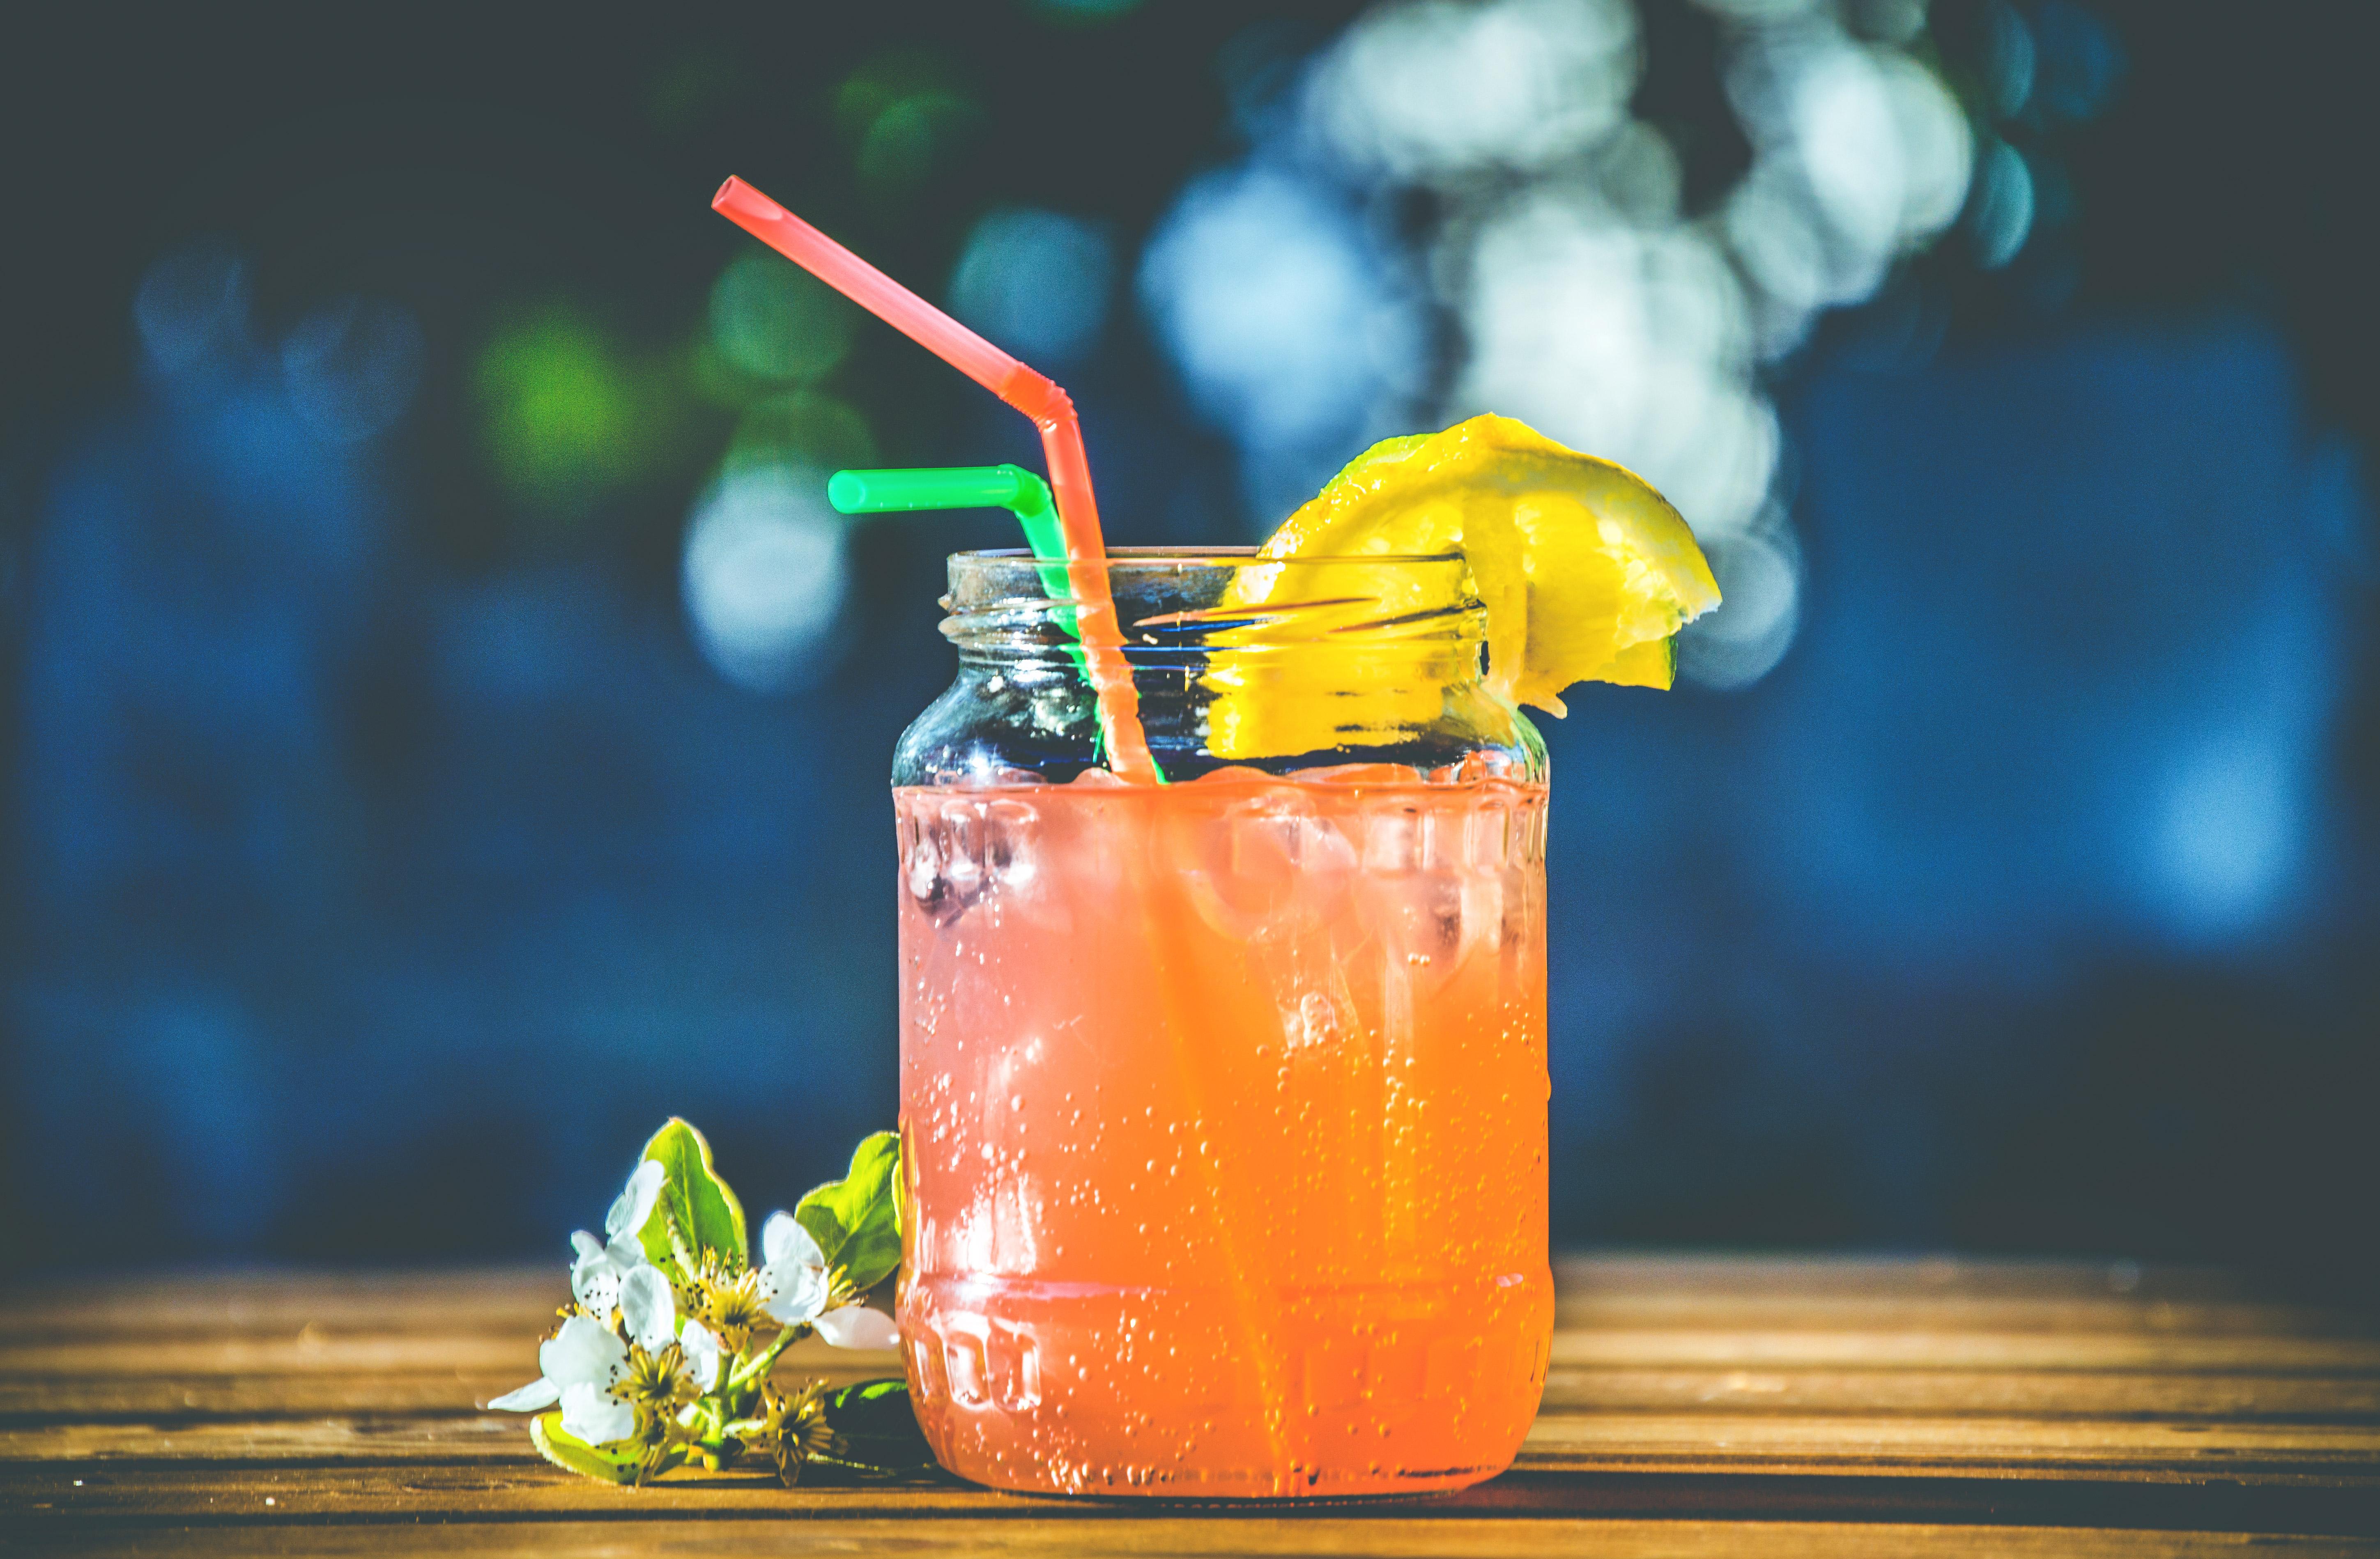 Kolorowy drink w słoiku